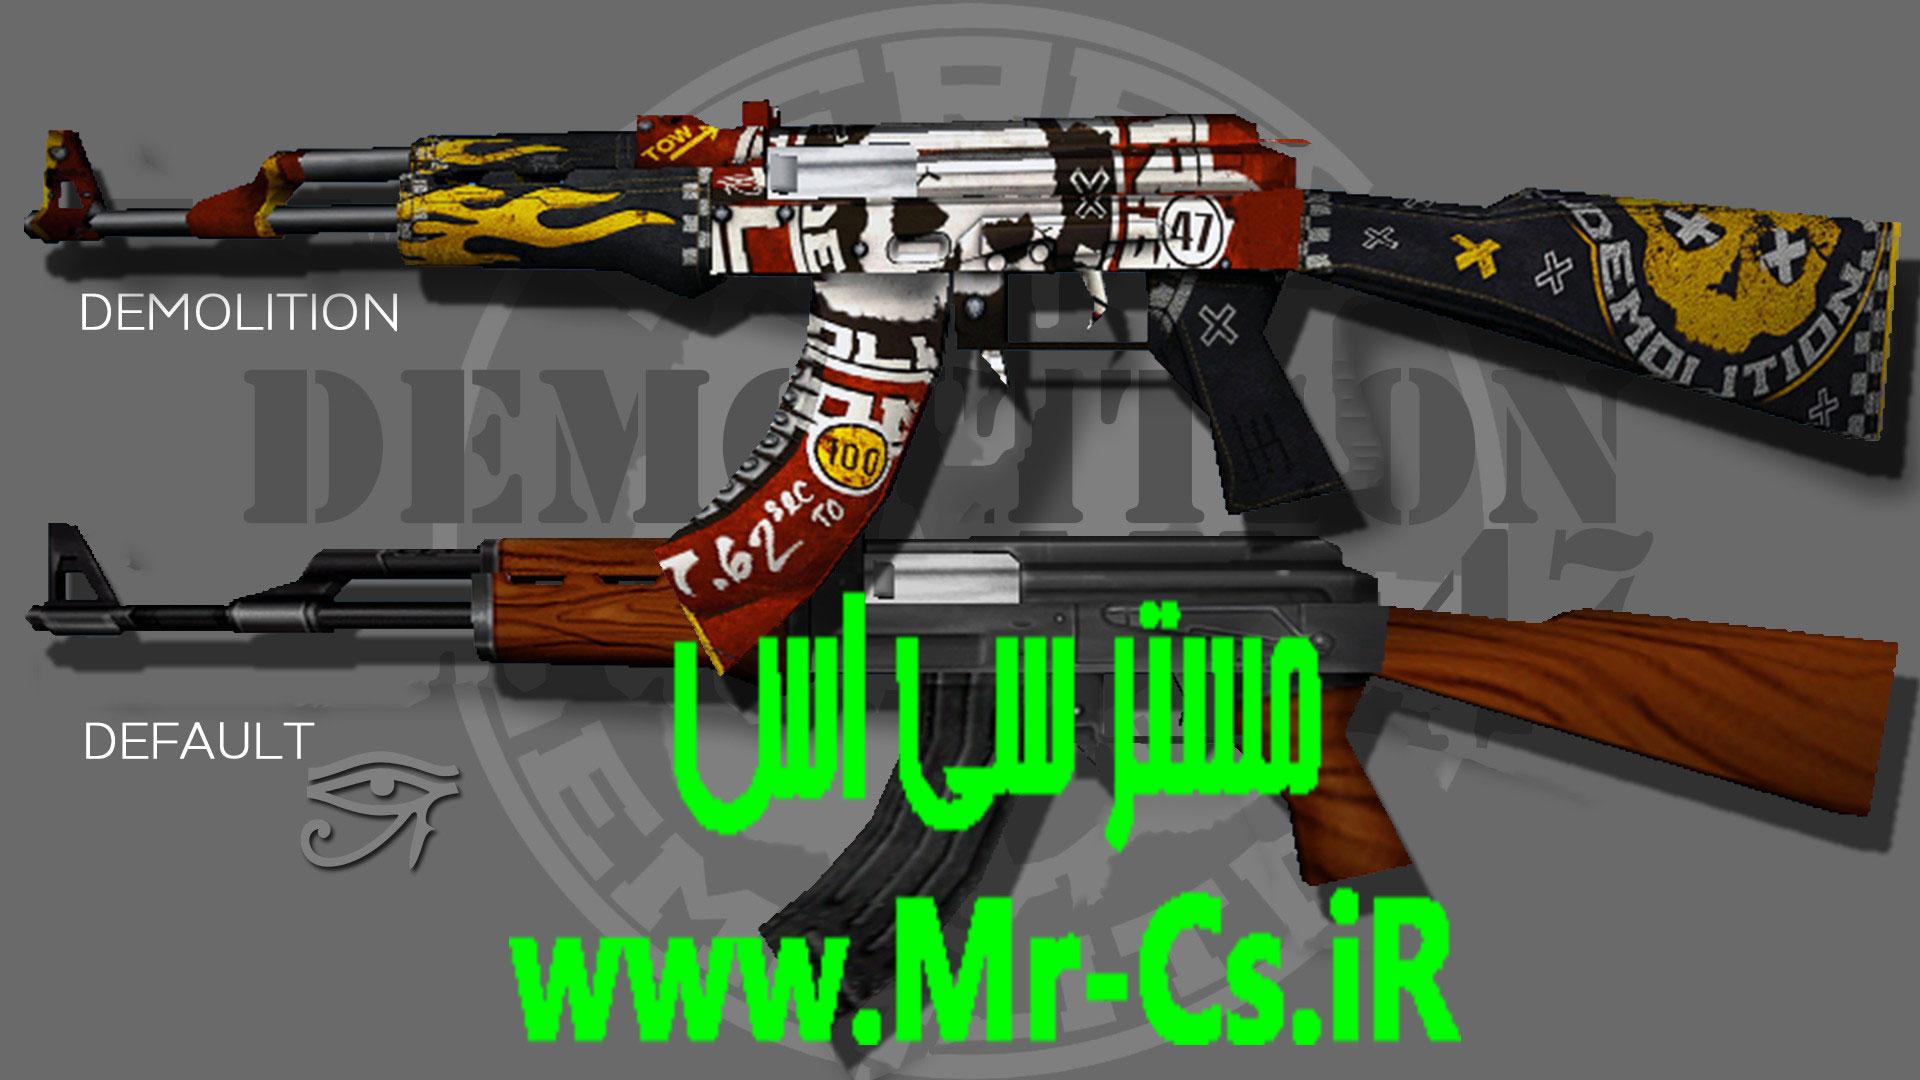 دانلود اسکین زیبای Ak47 | Demolition Derby برای سی اس 1.6